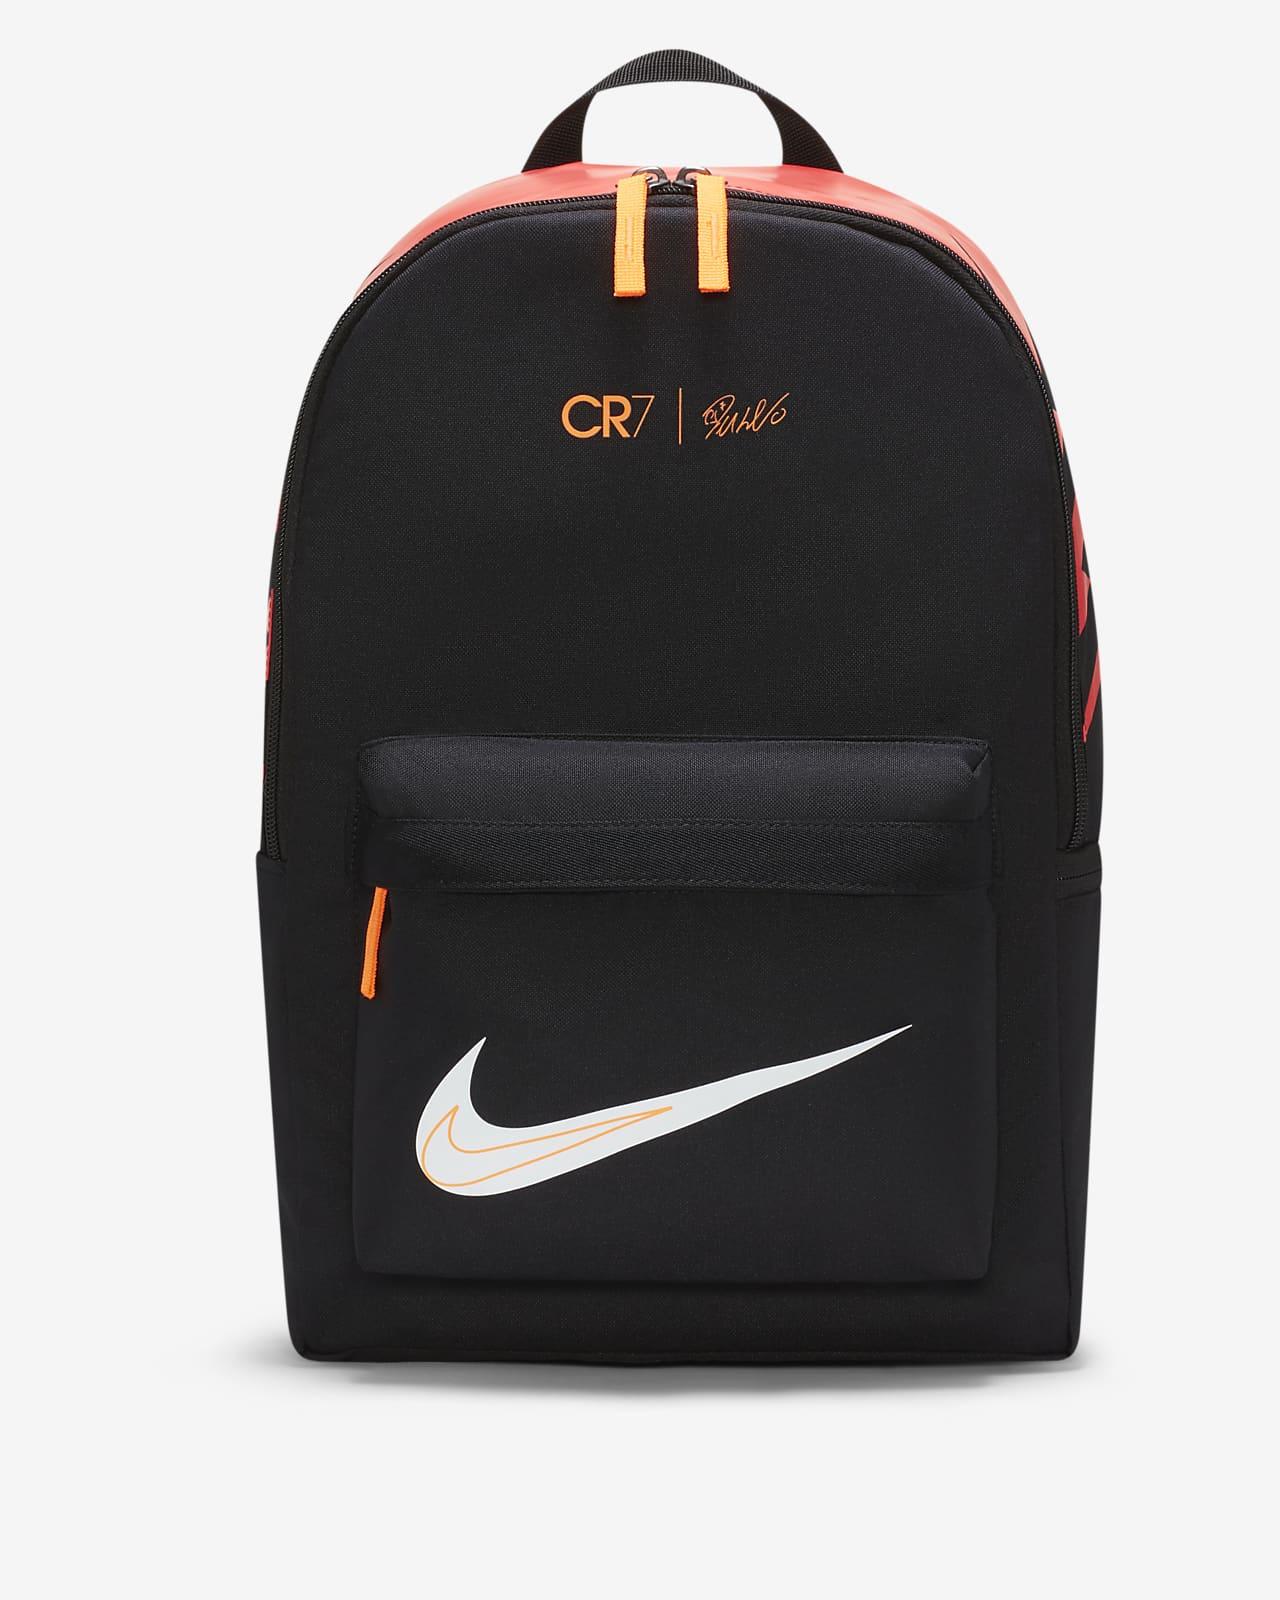 Mochila de futebol CR7 para criança